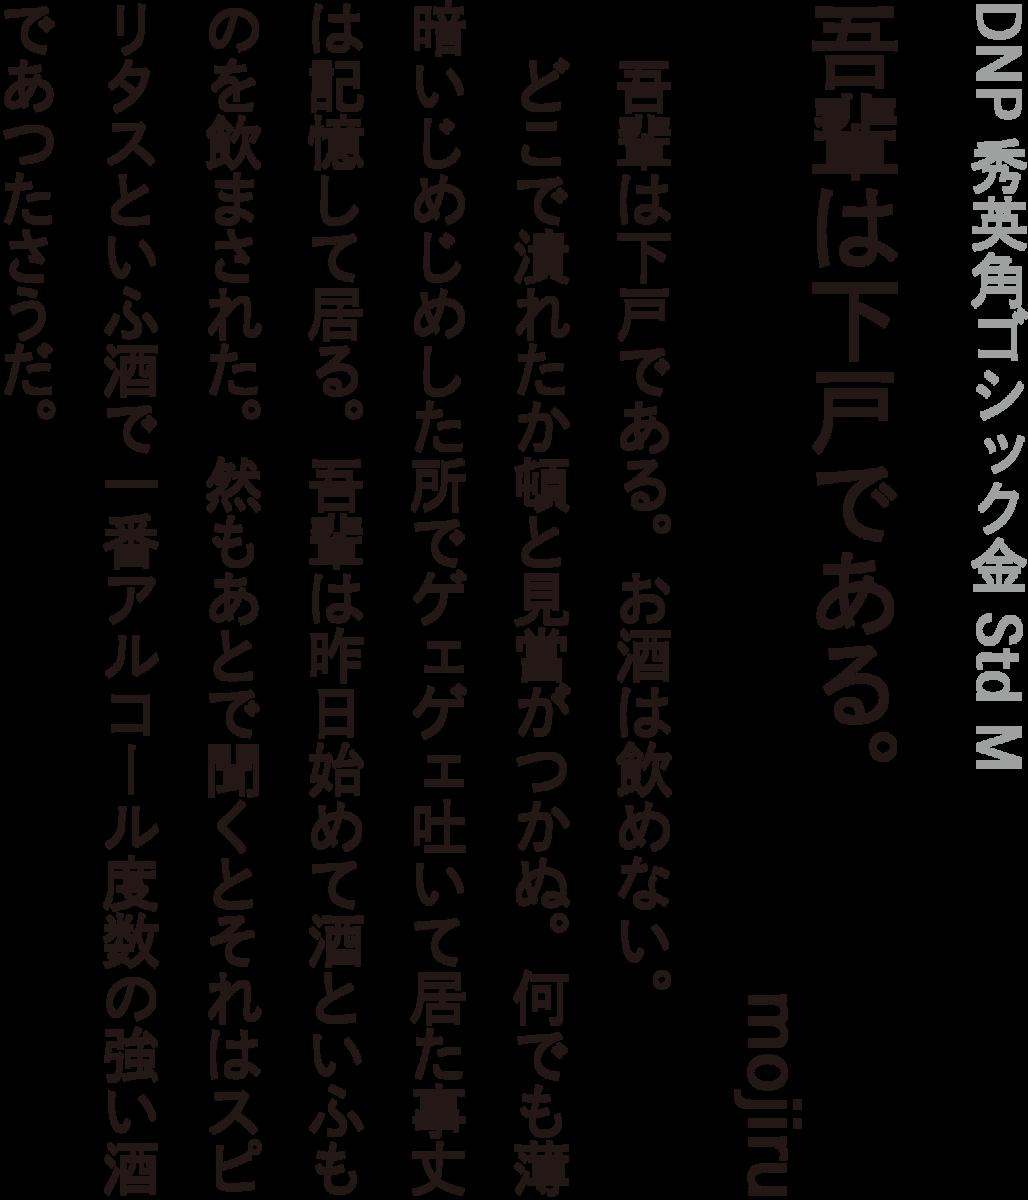 f:id:mojiru:20190411100436p:plain